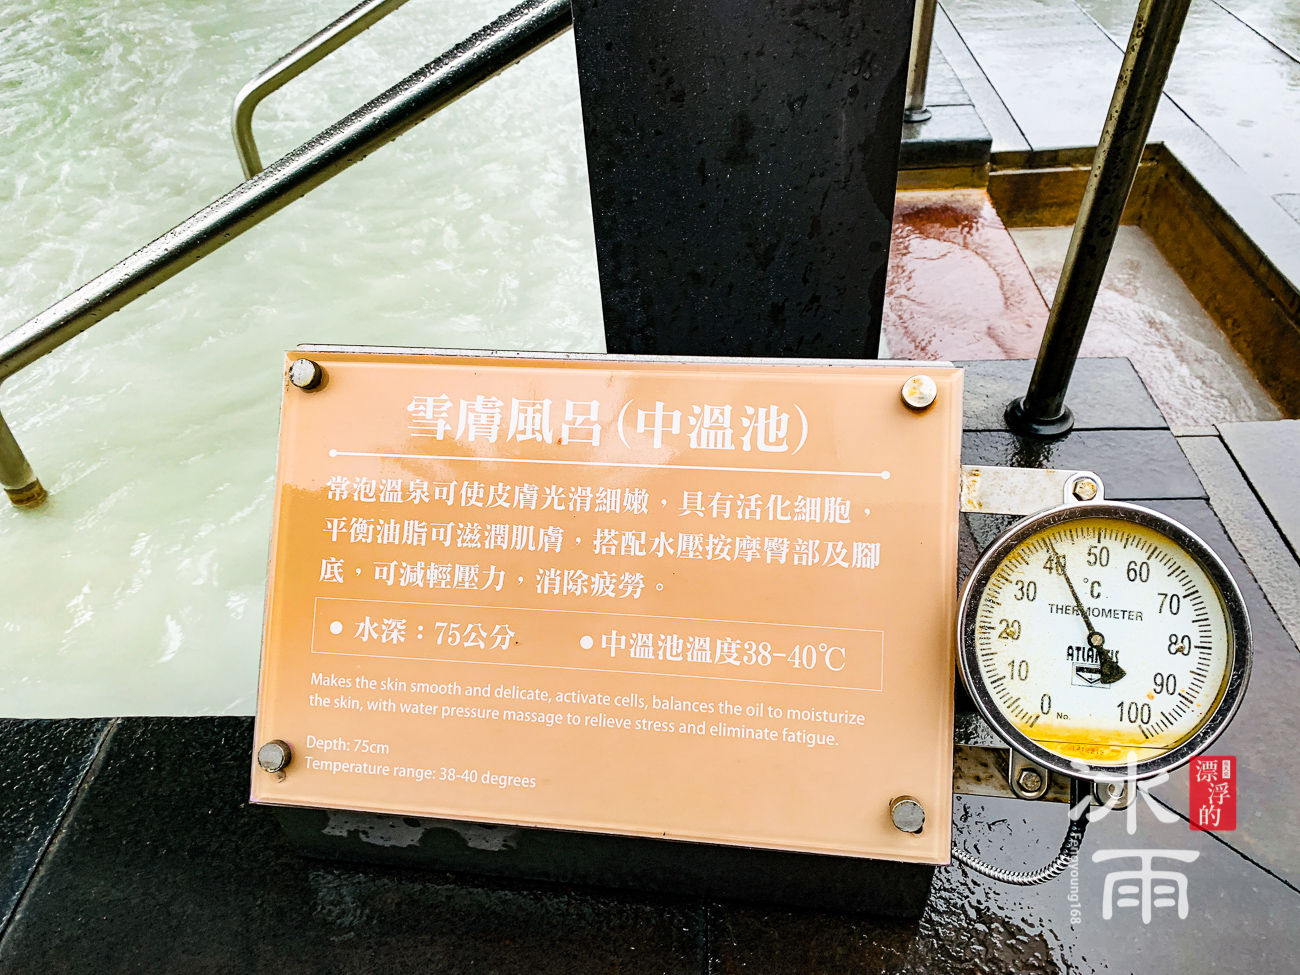 陽明山天籟溫泉會館|露天風呂 溫控